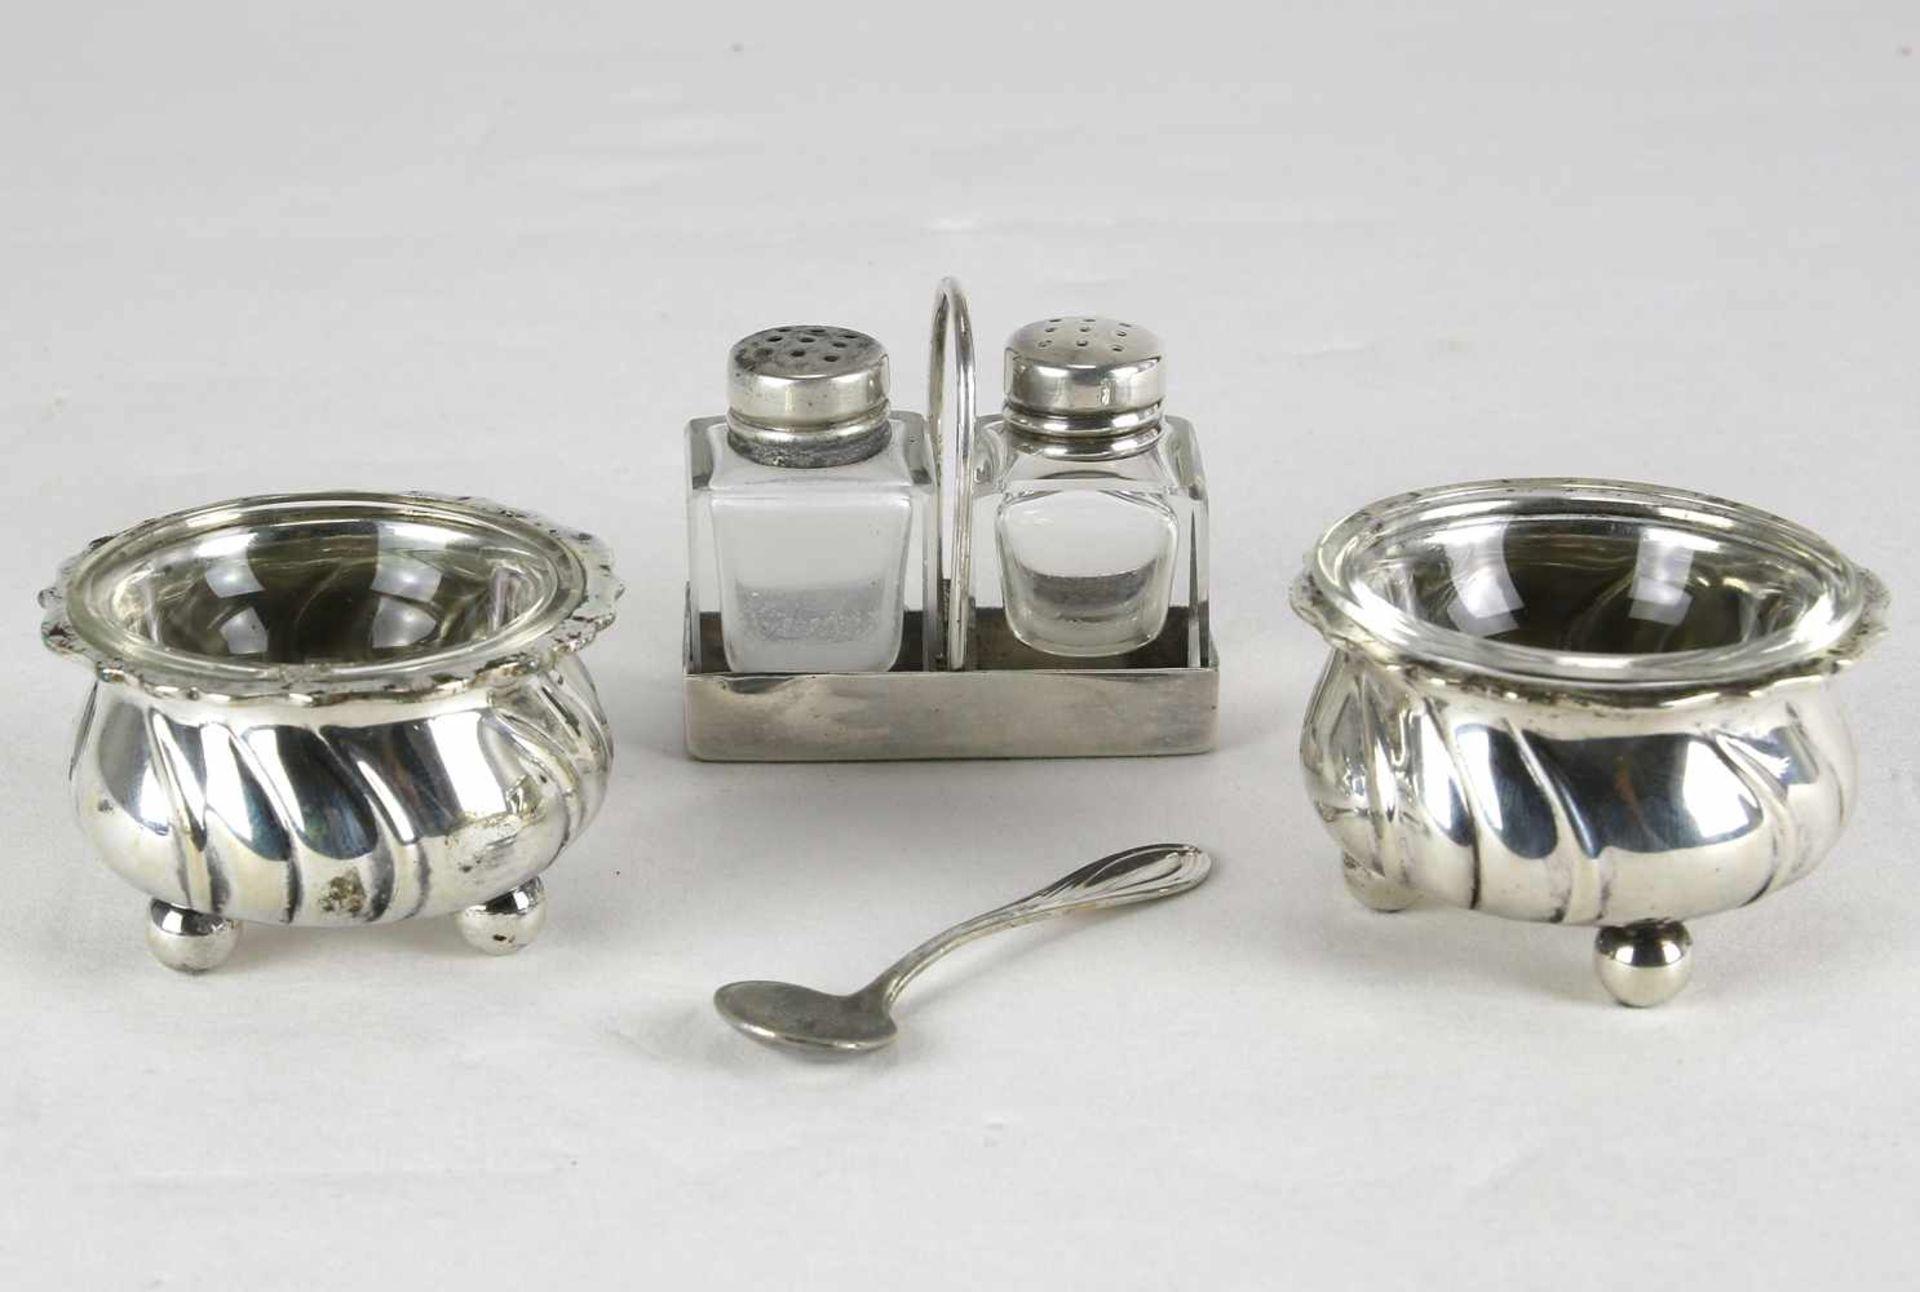 Paar SalierenDeutsch 20. Jh. Barockstil mit Glaseinsätzen und einem Silberlöffel. Punziert mit